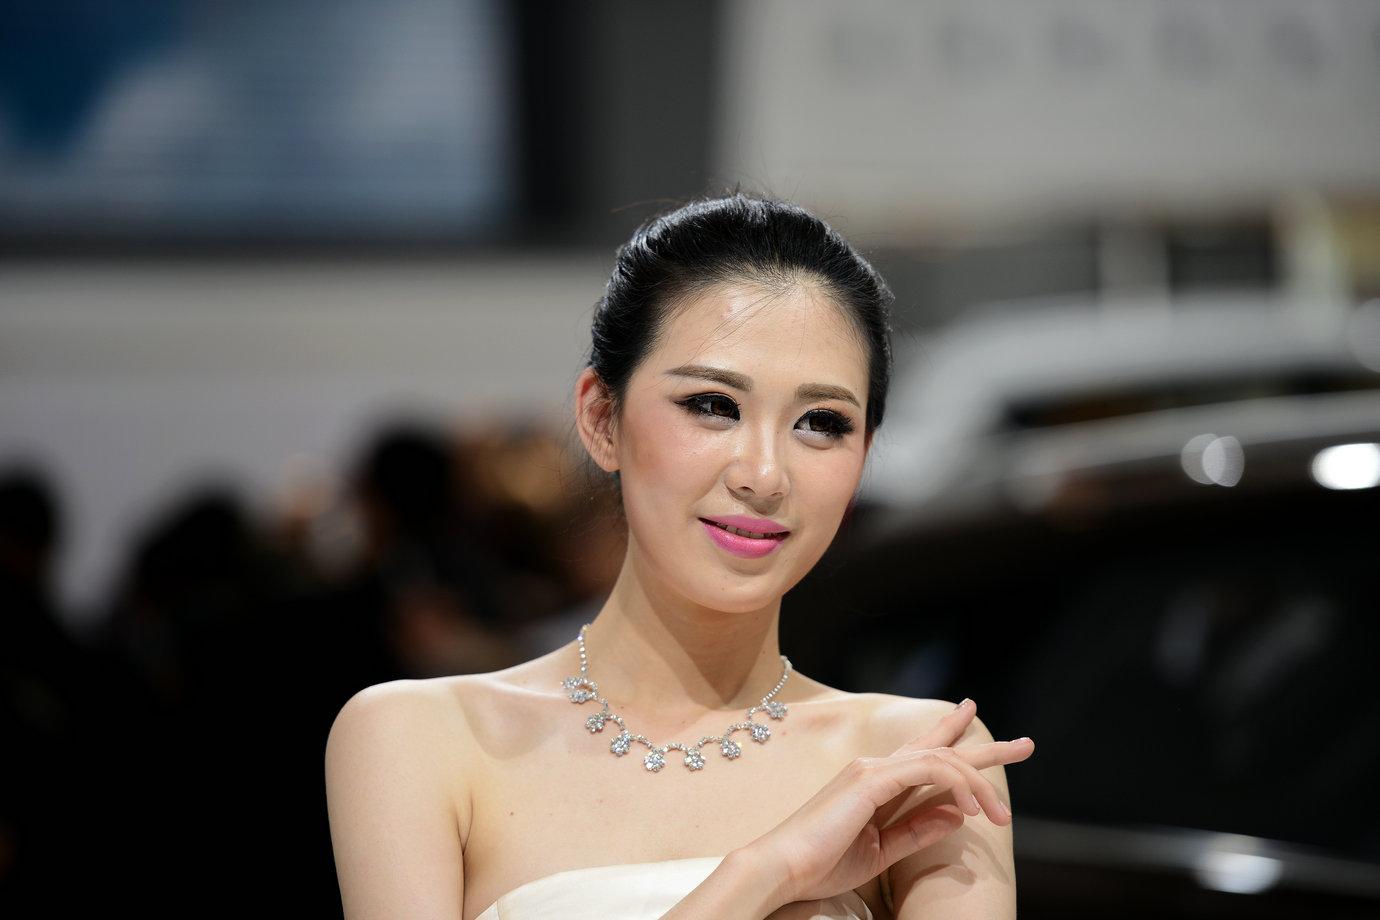 燕赵老翁作品:北京车展的俊男靓女